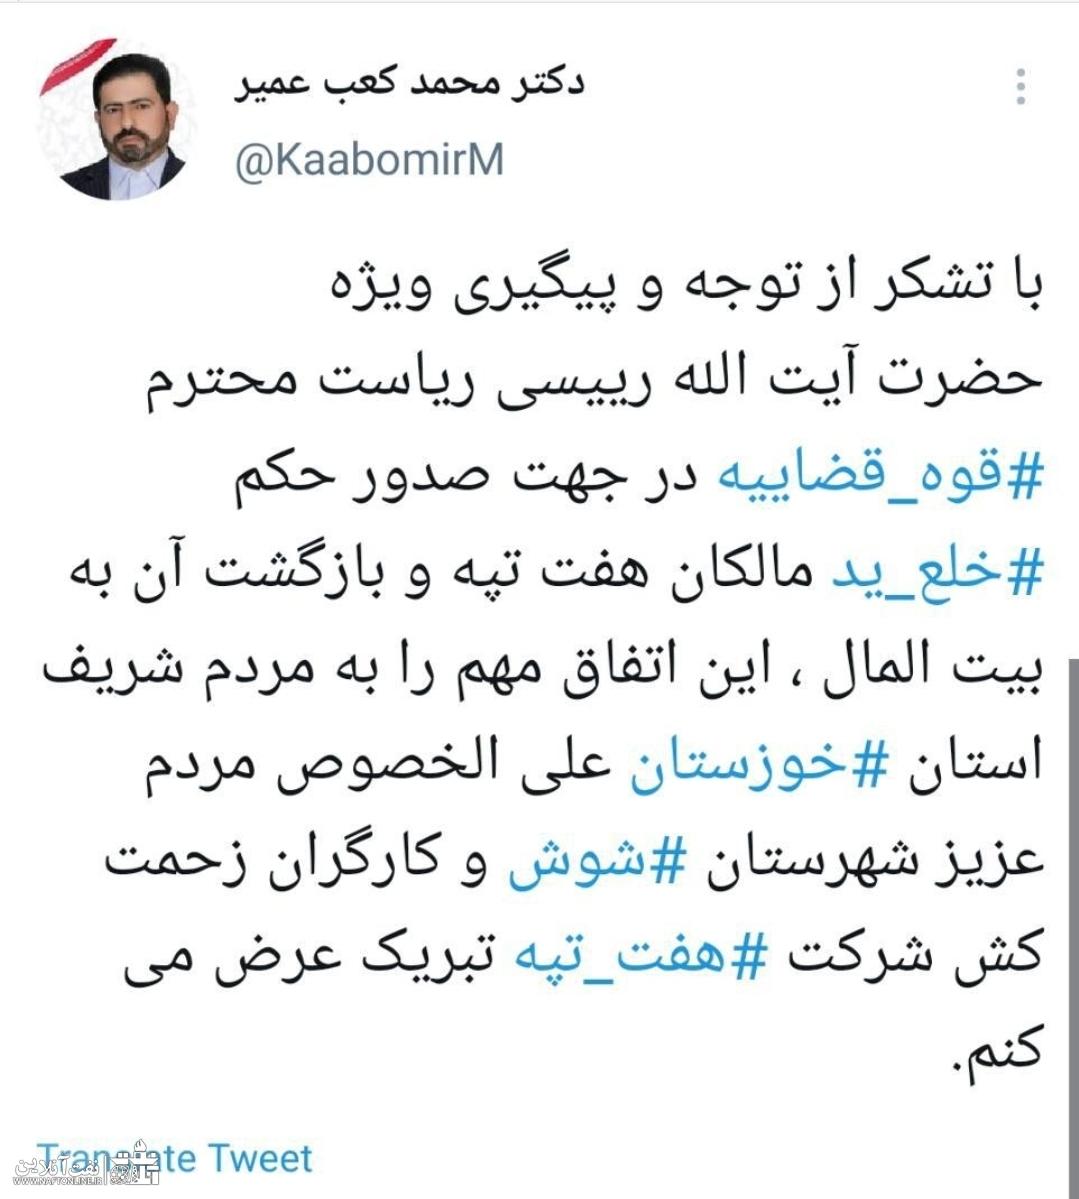 توییت نوشت | دکتر محمد کعب عمیر